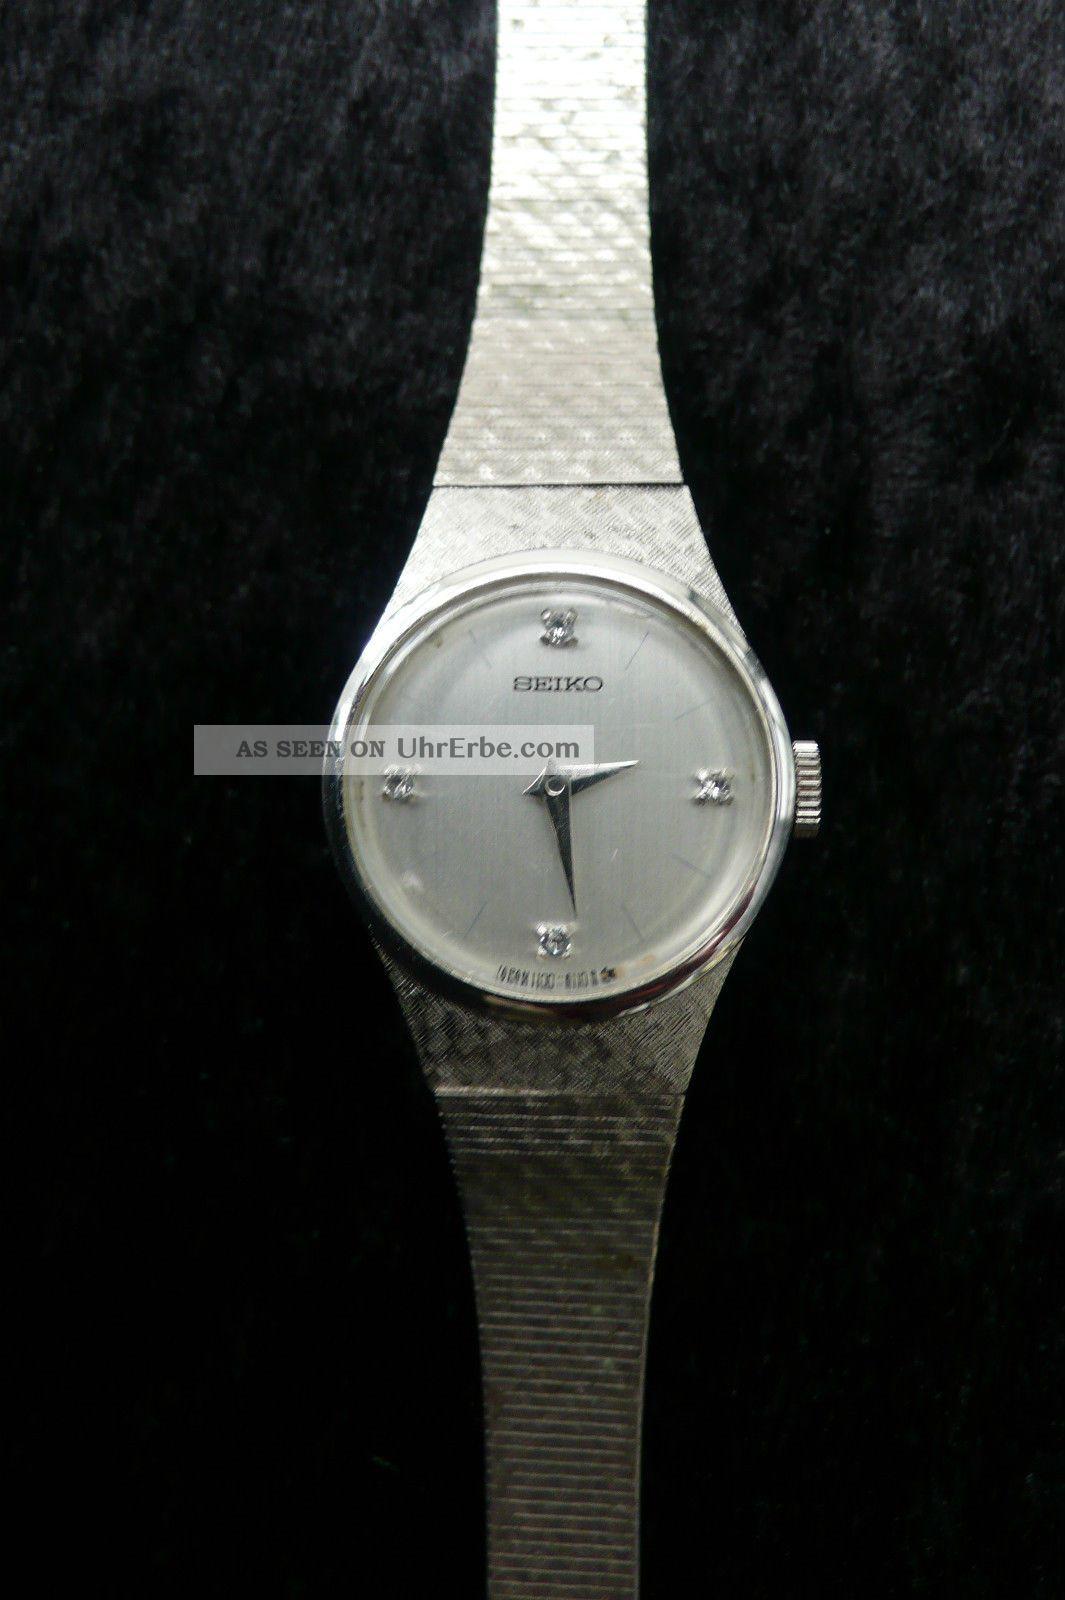 alte seiko mechanische damen uhr armbanduhr damenuhr wrist watch silberfarben. Black Bedroom Furniture Sets. Home Design Ideas